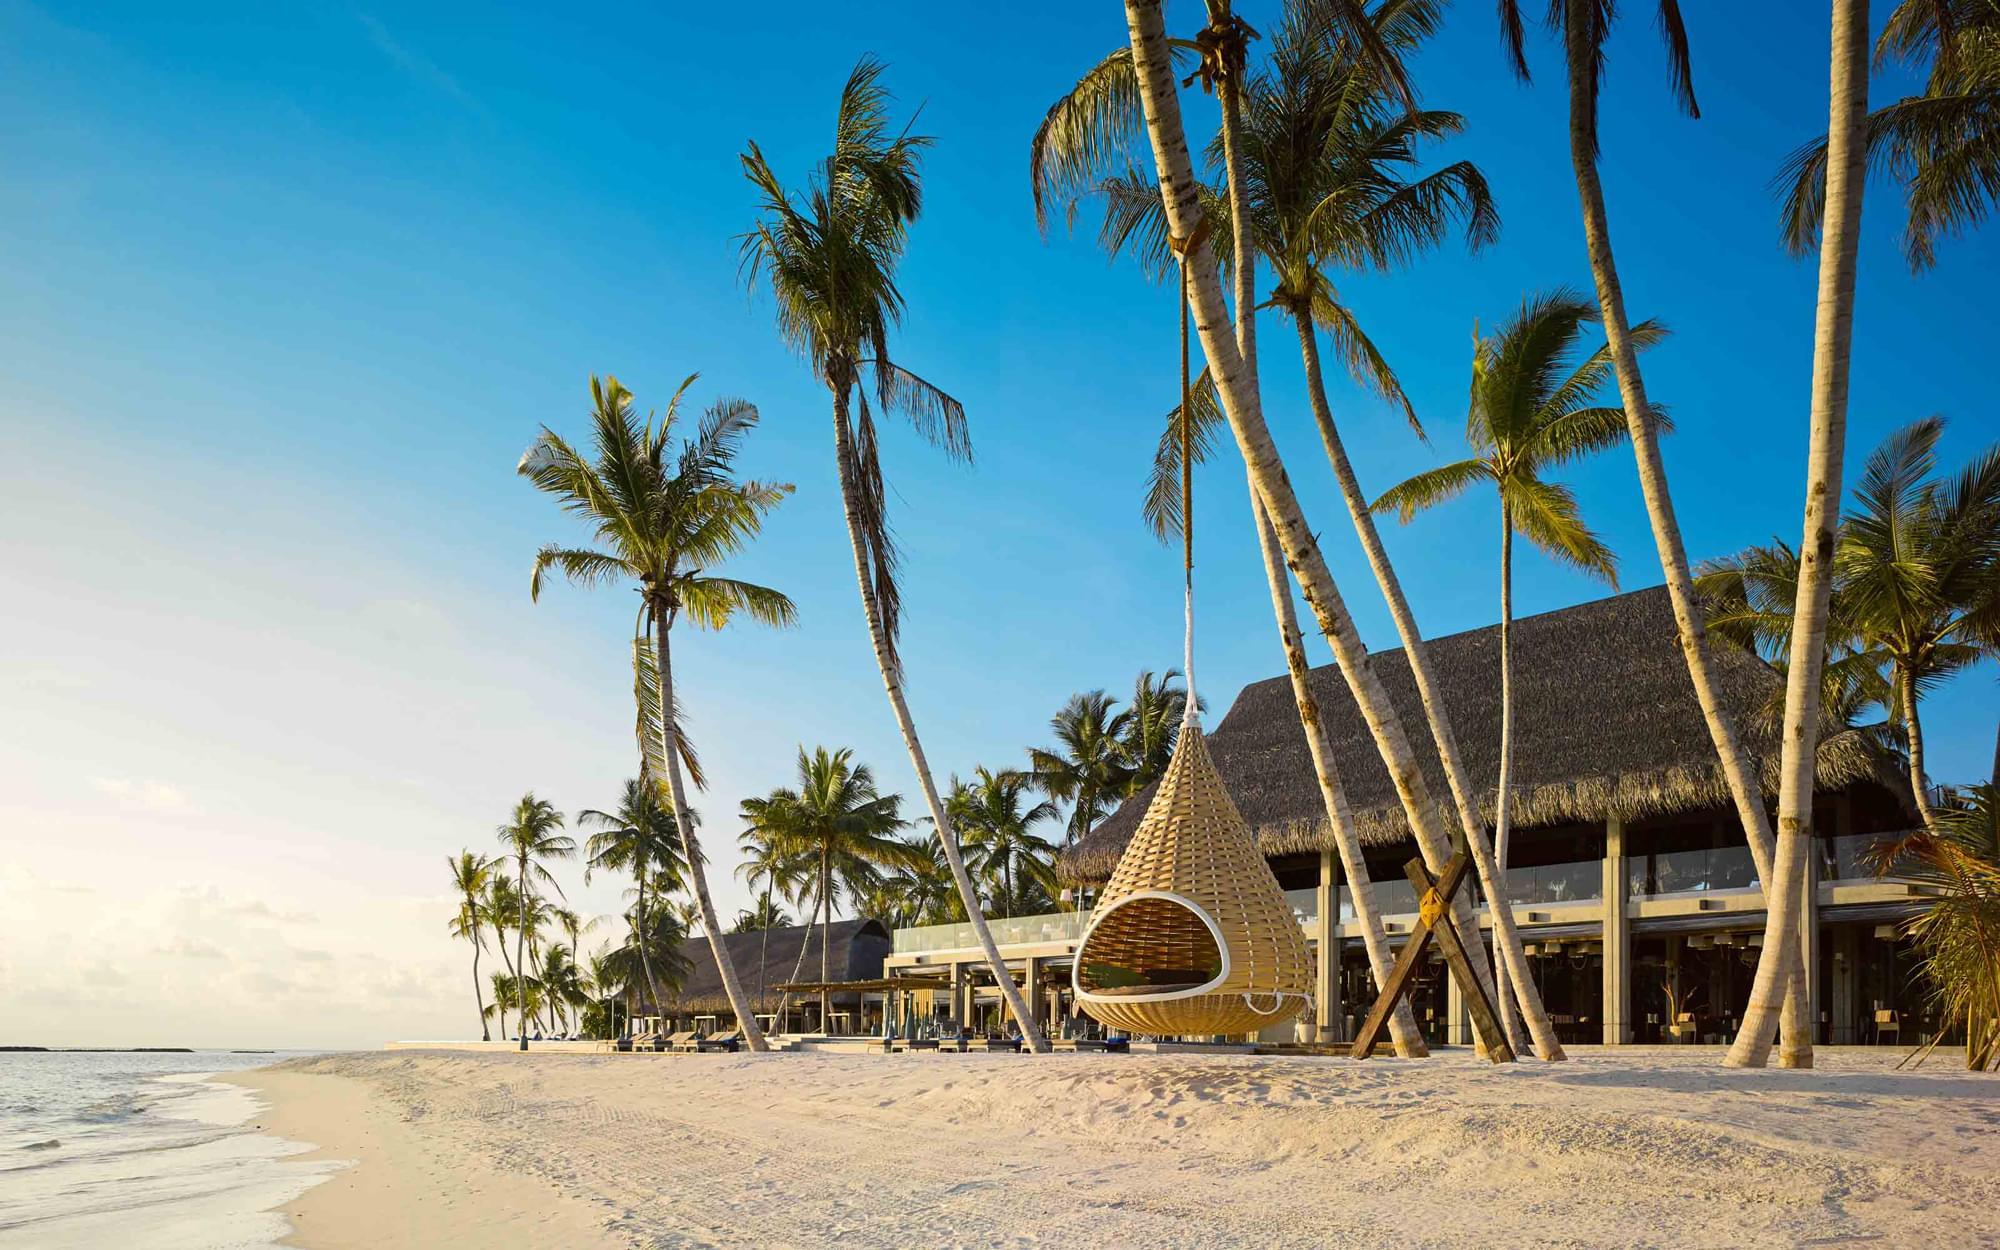 马尔代夫维拉私人岛<br/>Velaa Private Island